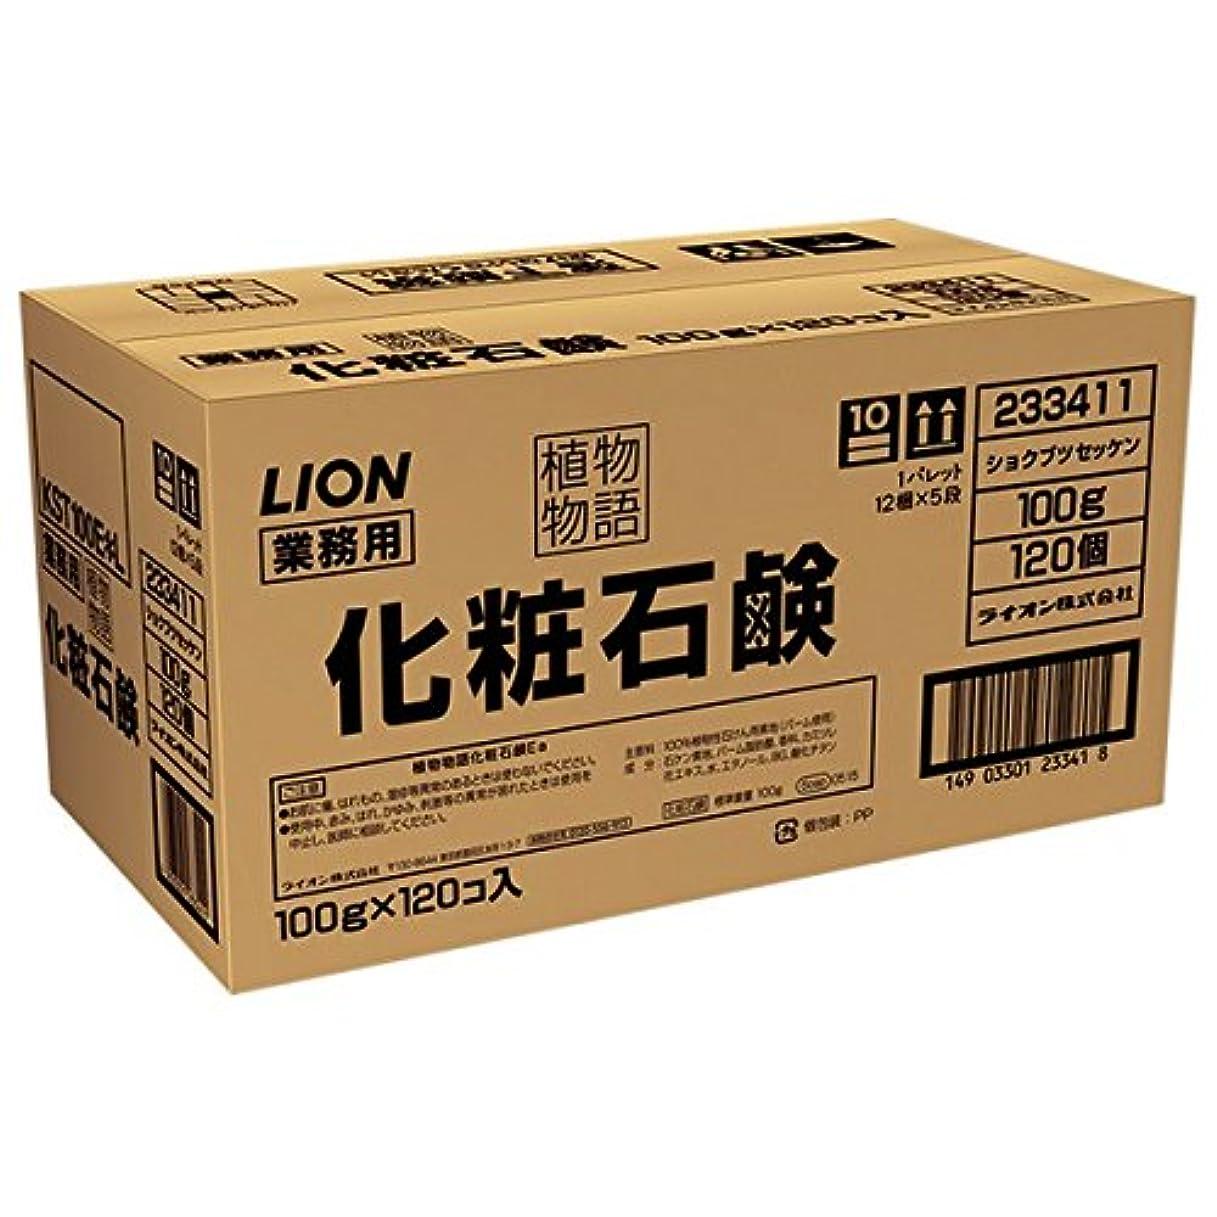 変形するアリスファーザーファージュライオン 植物物語 化粧石鹸 業務用 100g 1箱(120個)